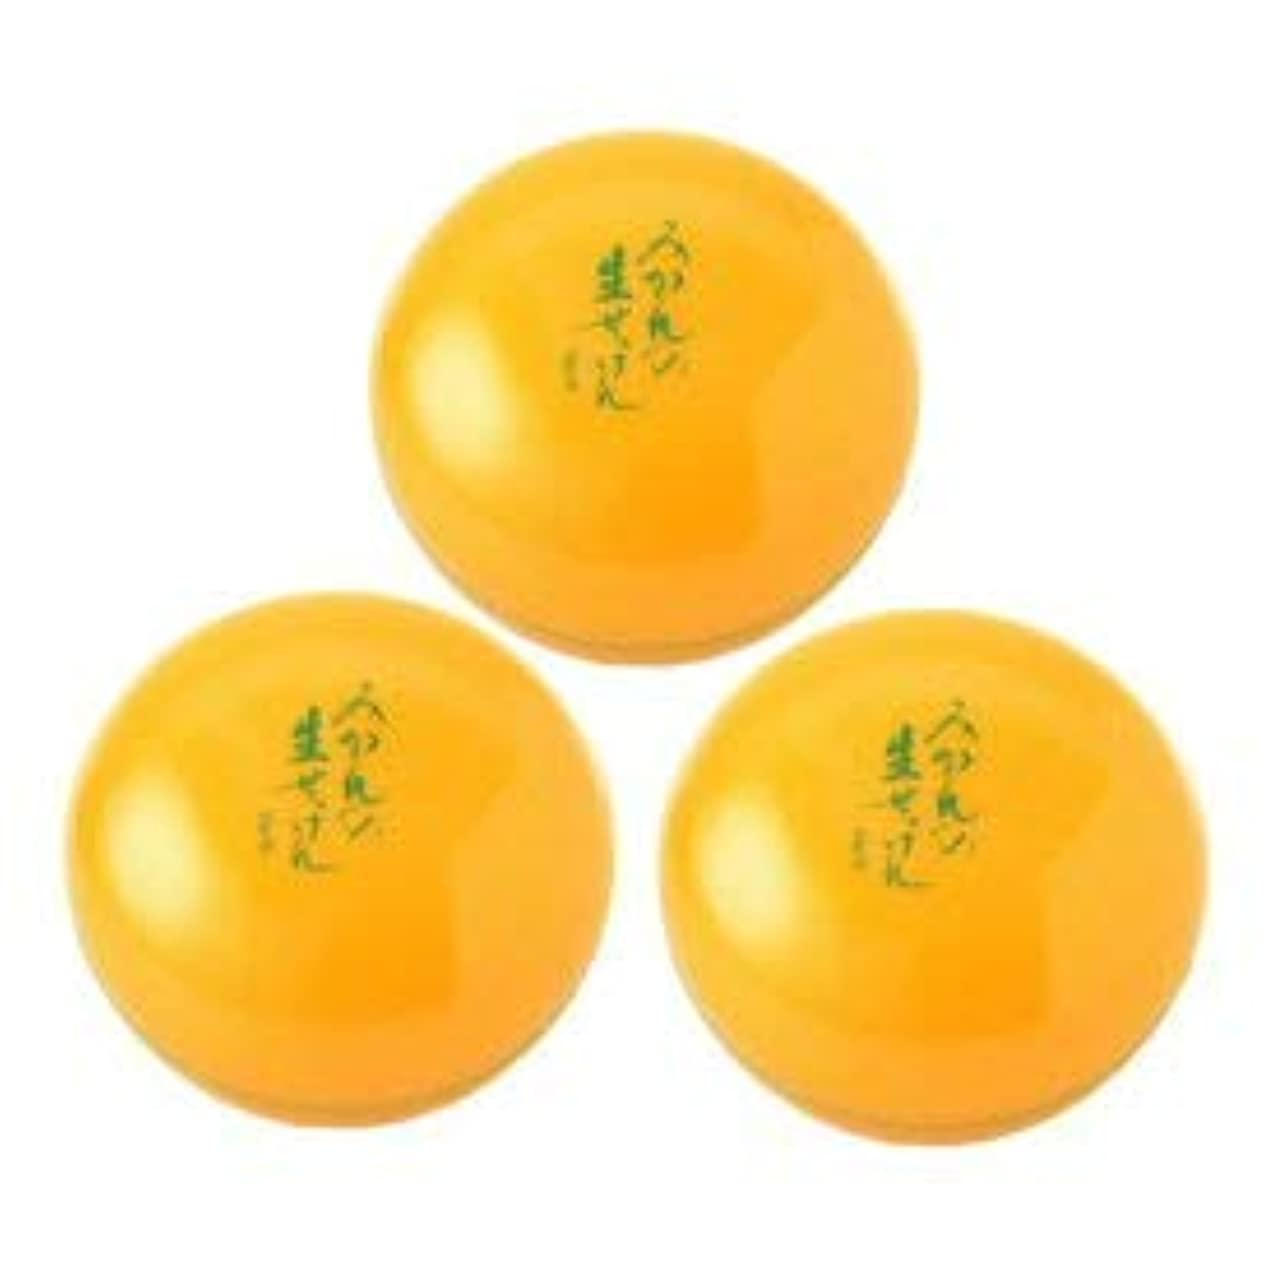 シェルター構成するコンチネンタルUYEKI美香柑みかんの生せっけん50g×3個セット